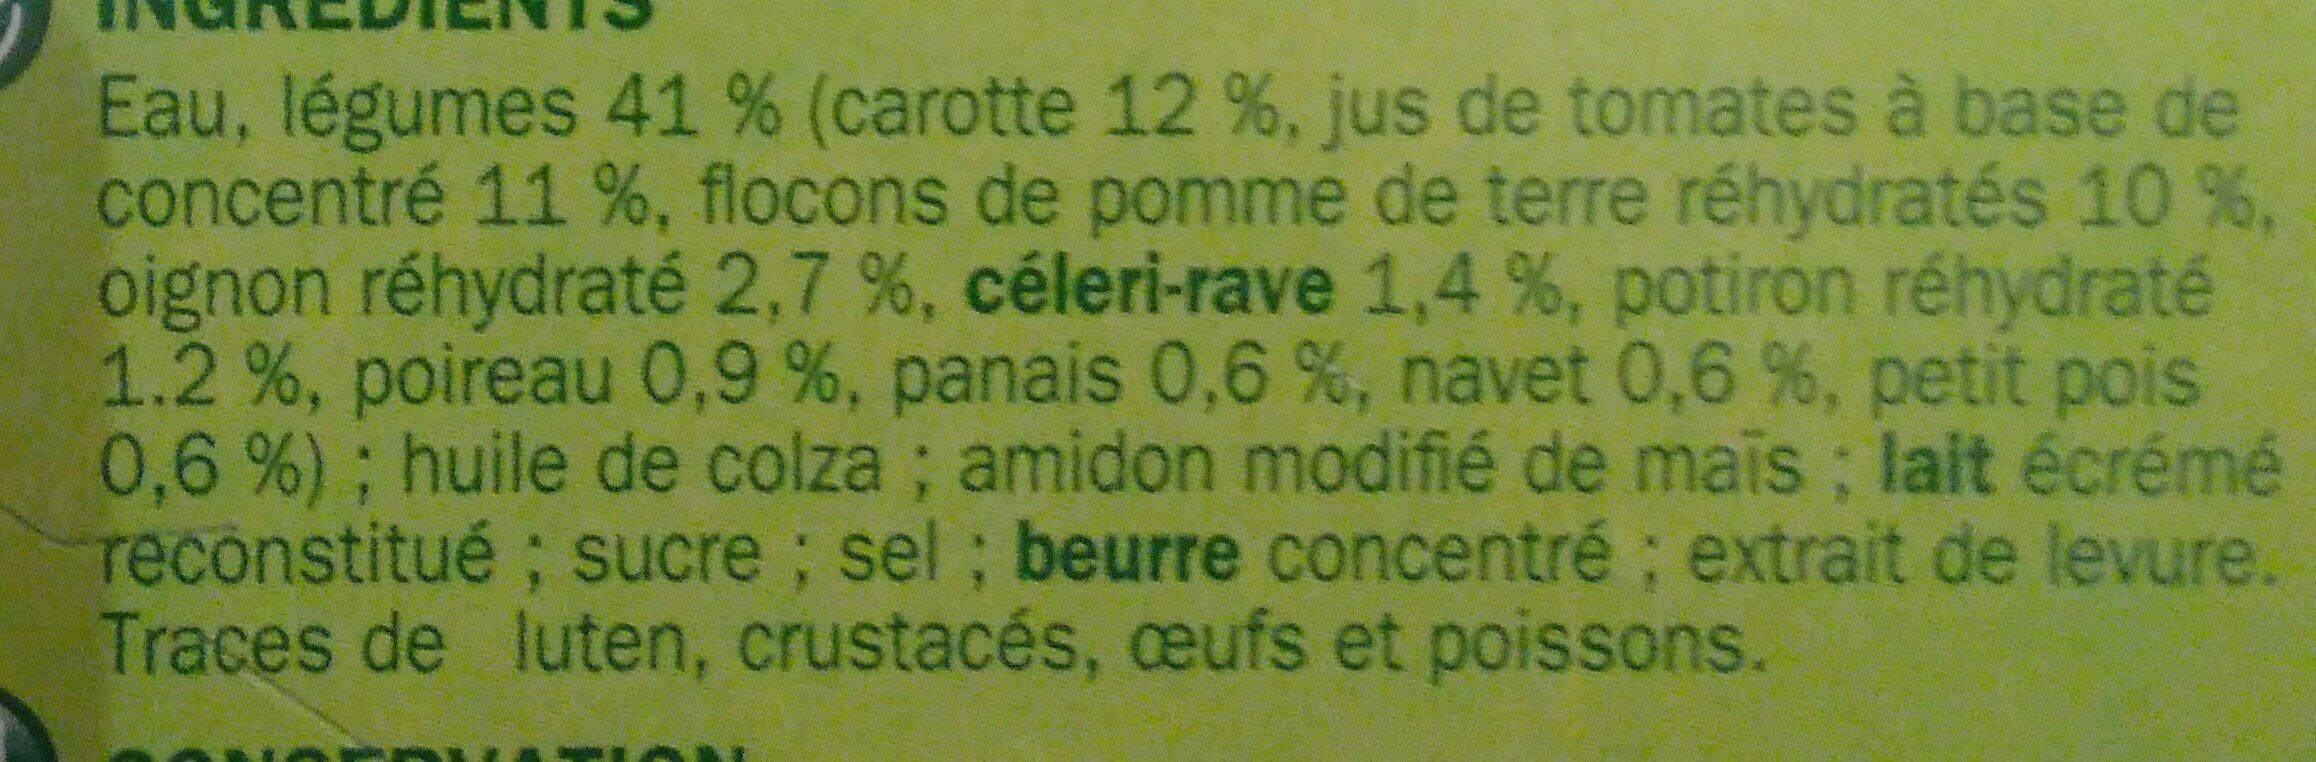 Velouté de légumes - Ingrédients - fr